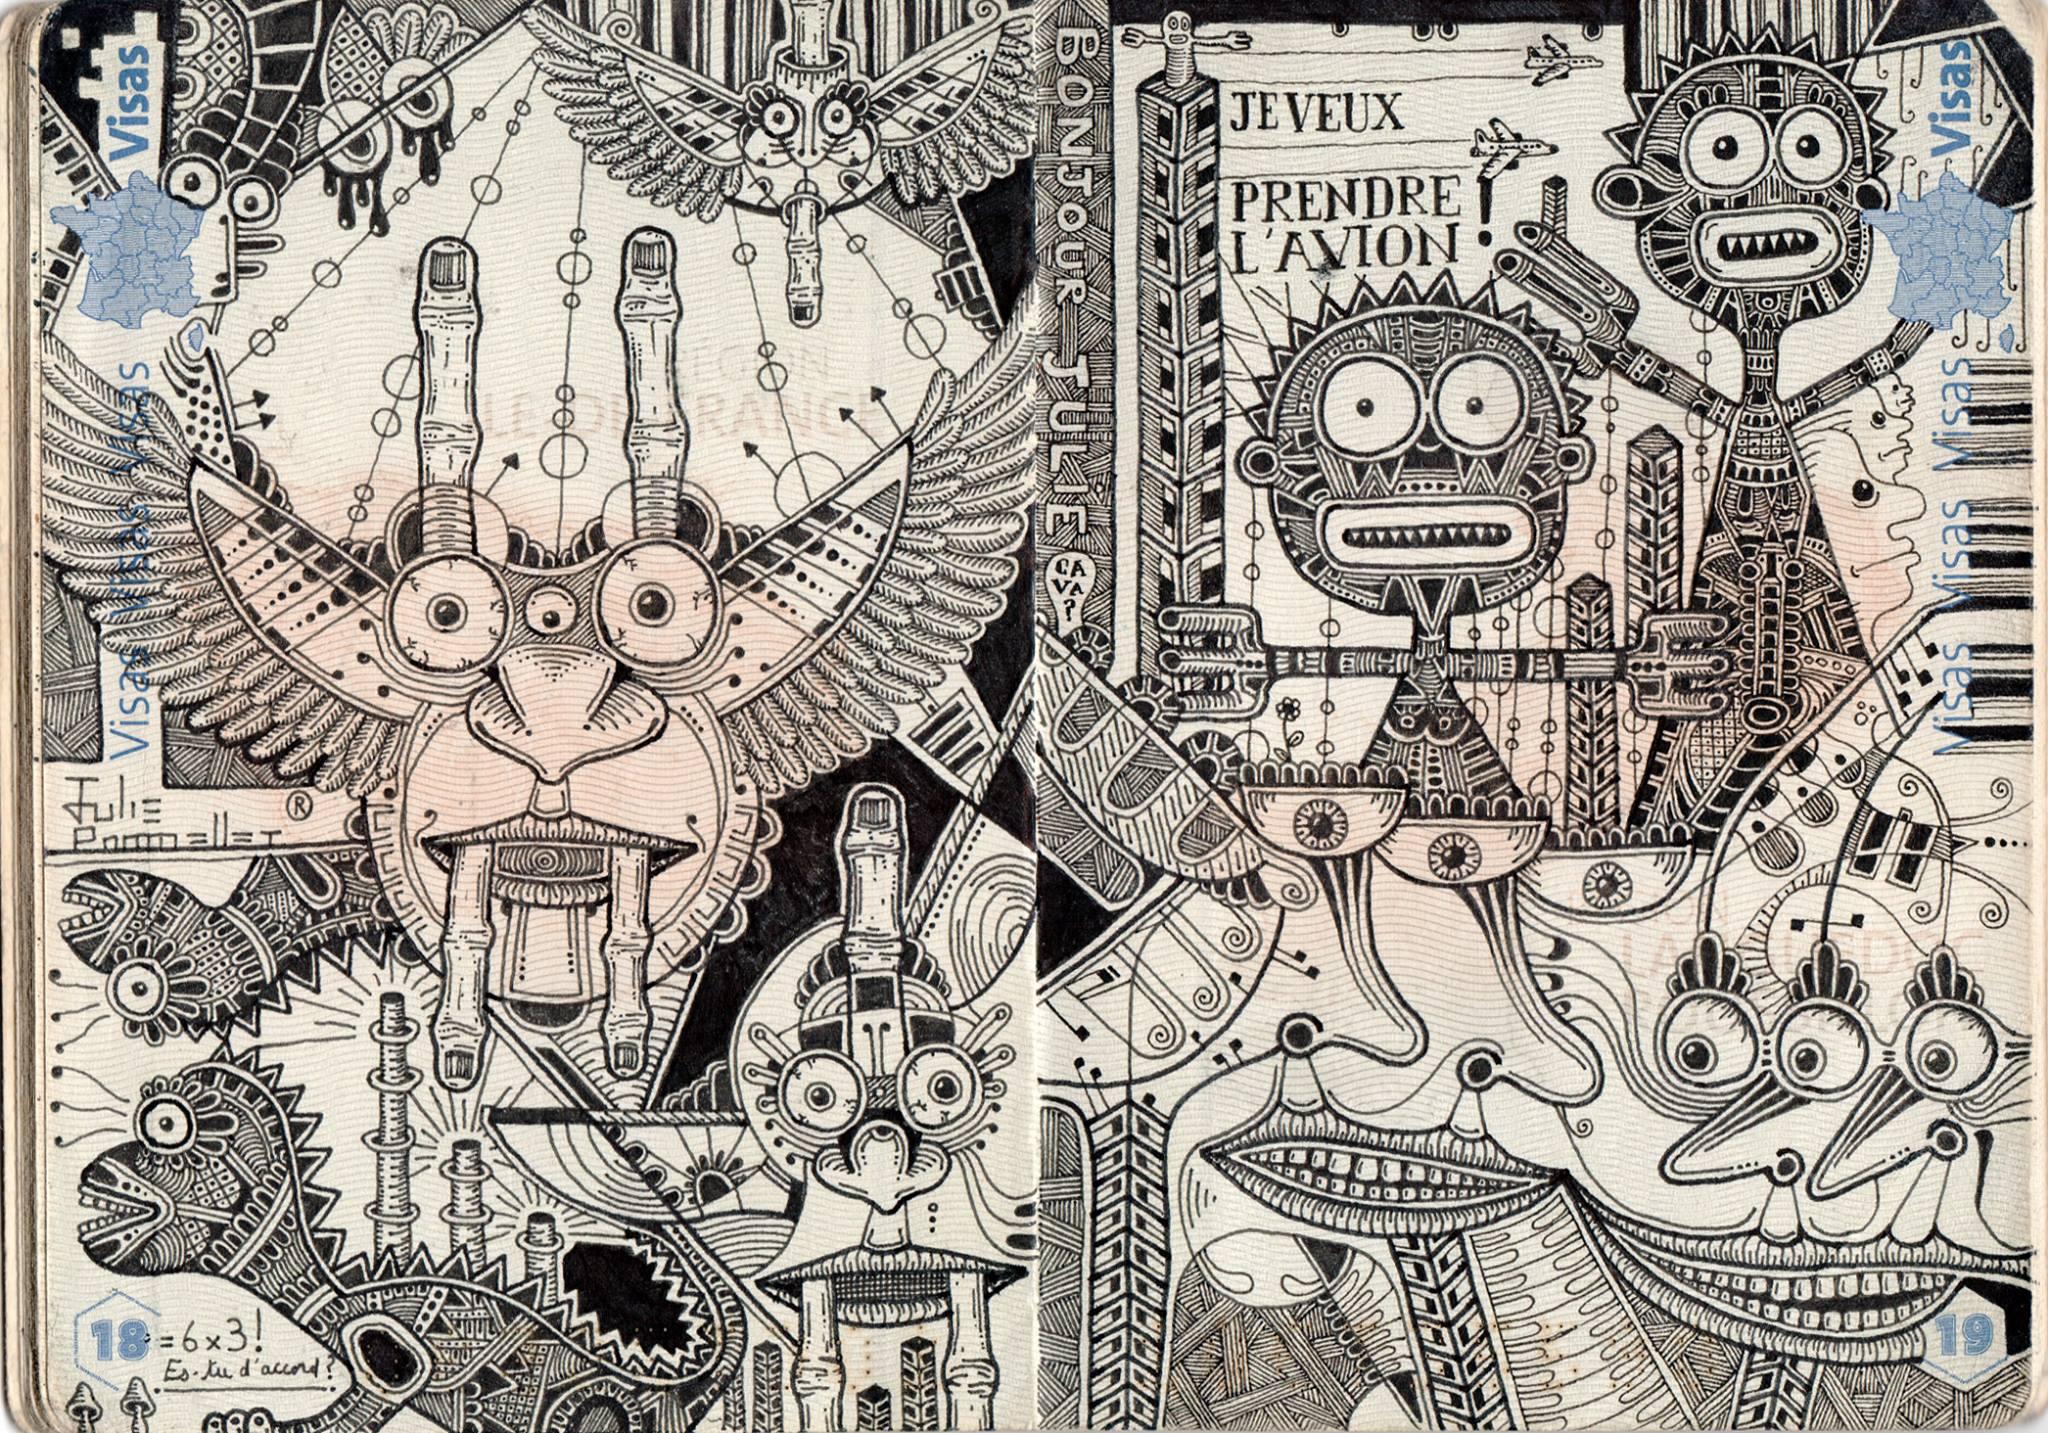 passport illustration 0